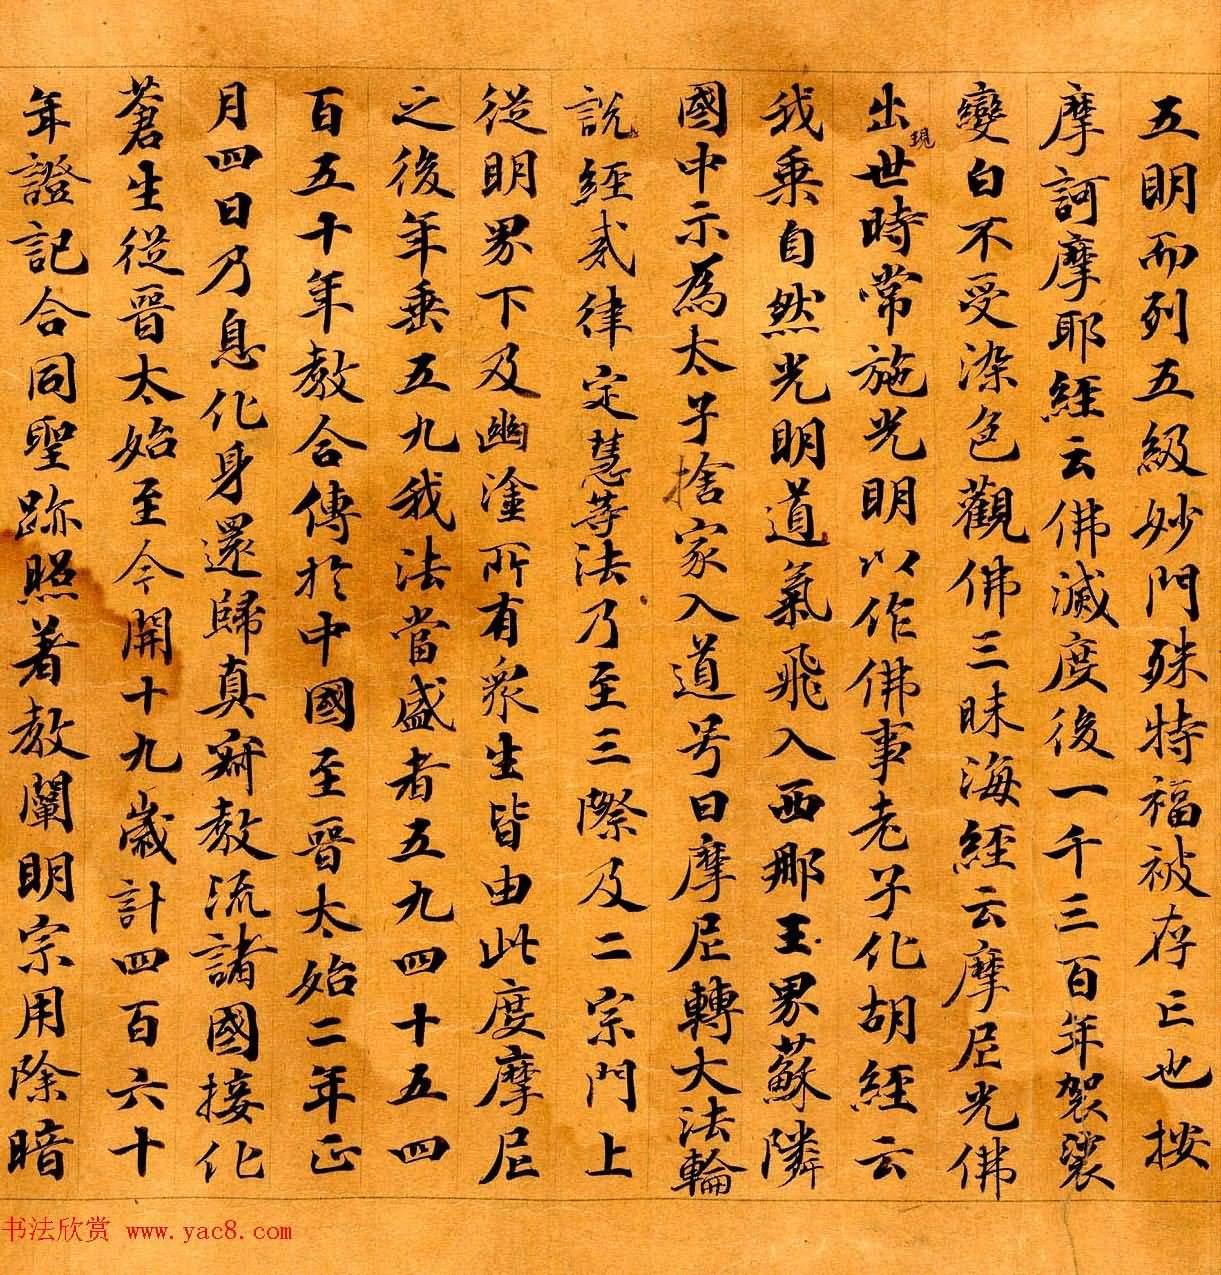 敦煌書法墨跡欣賞《摩尼光佛教法儀略一卷》